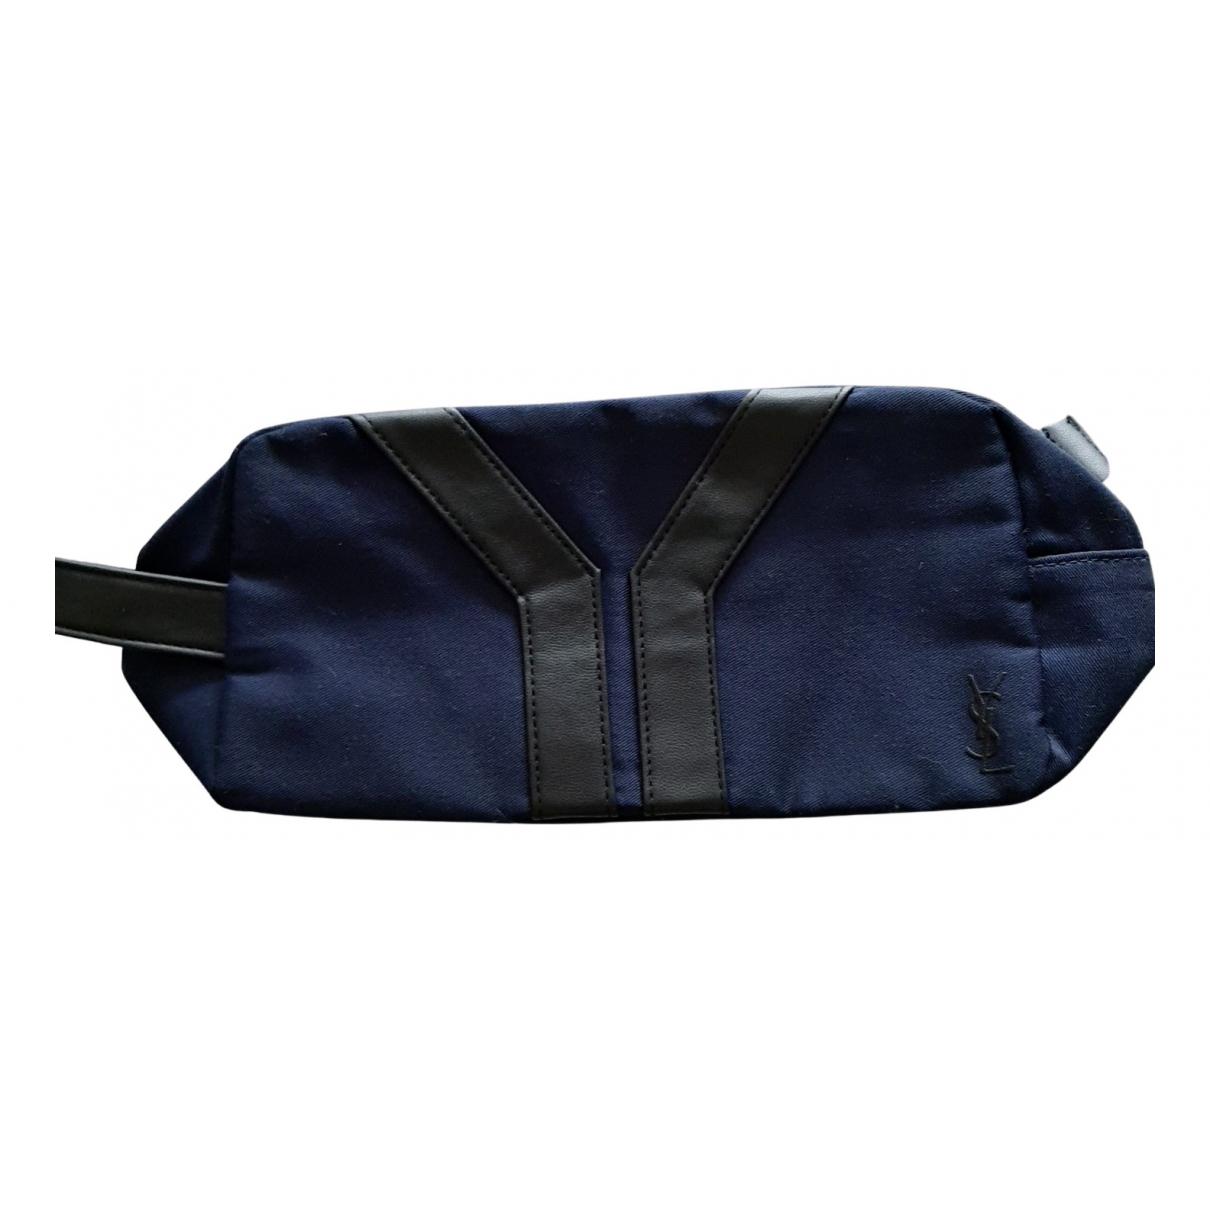 Yves Saint Laurent - Sac de voyage   pour femme en toile - bleu